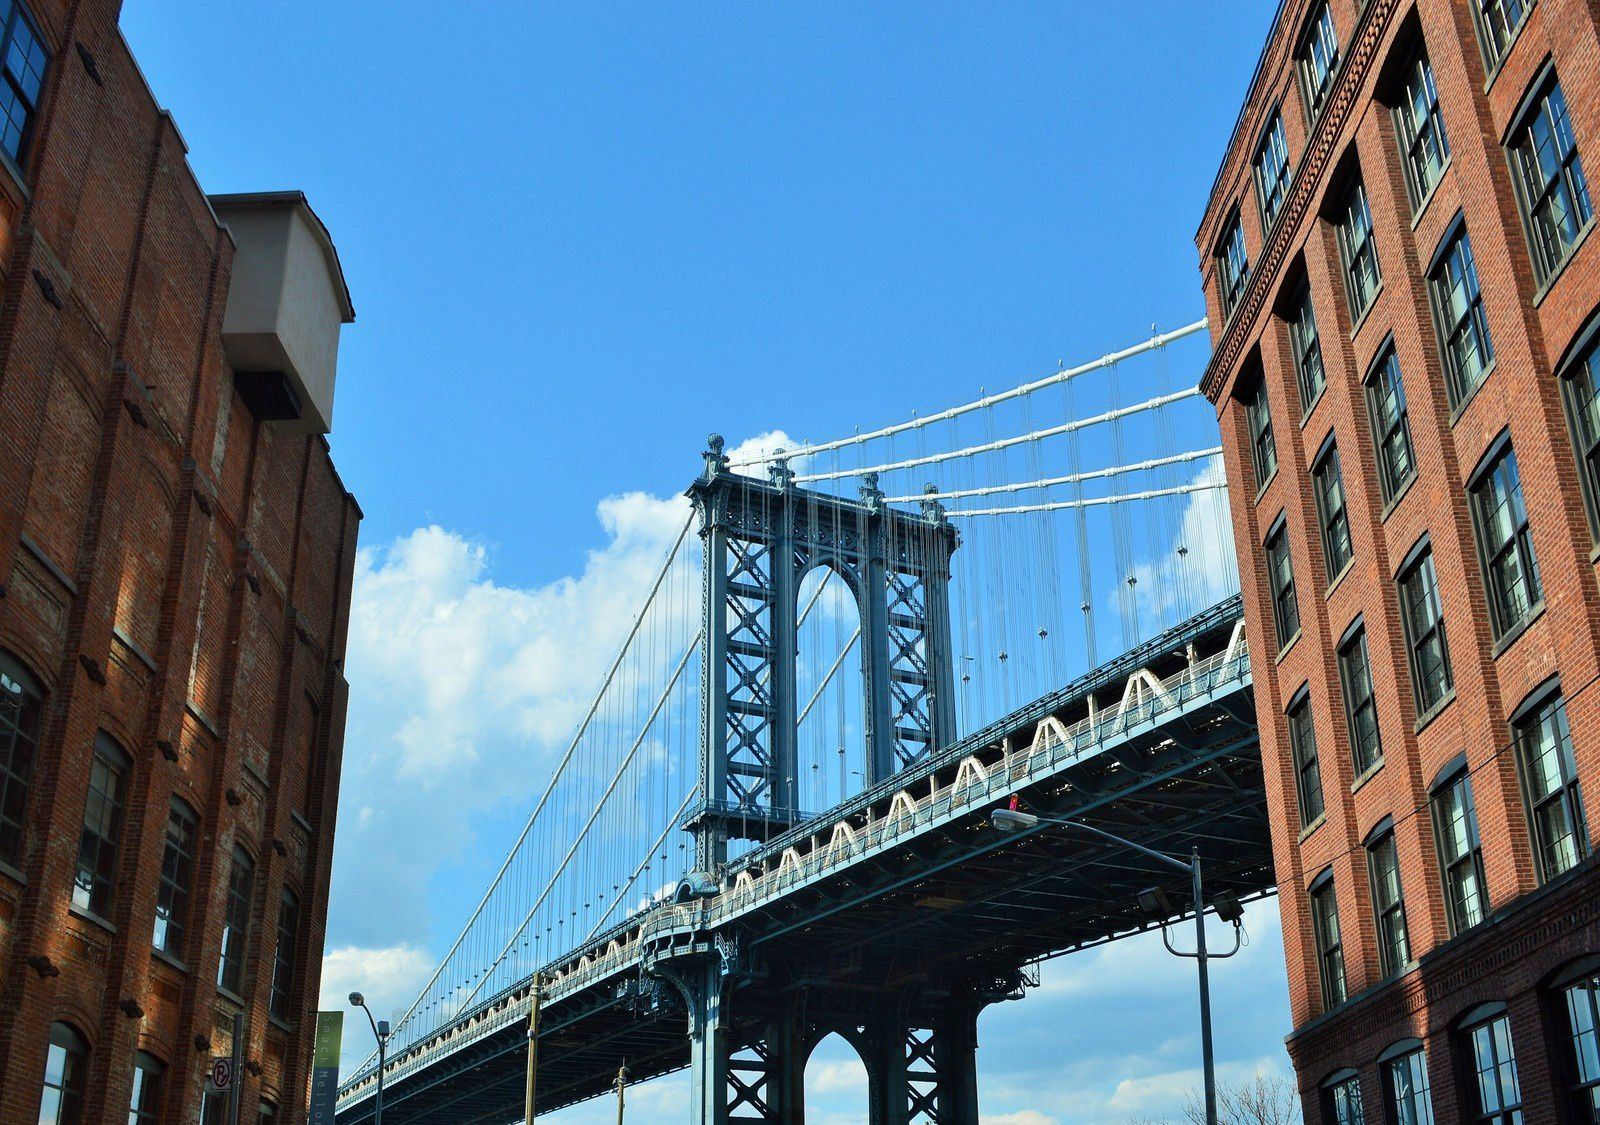 Brooklyn et Williamsburg.